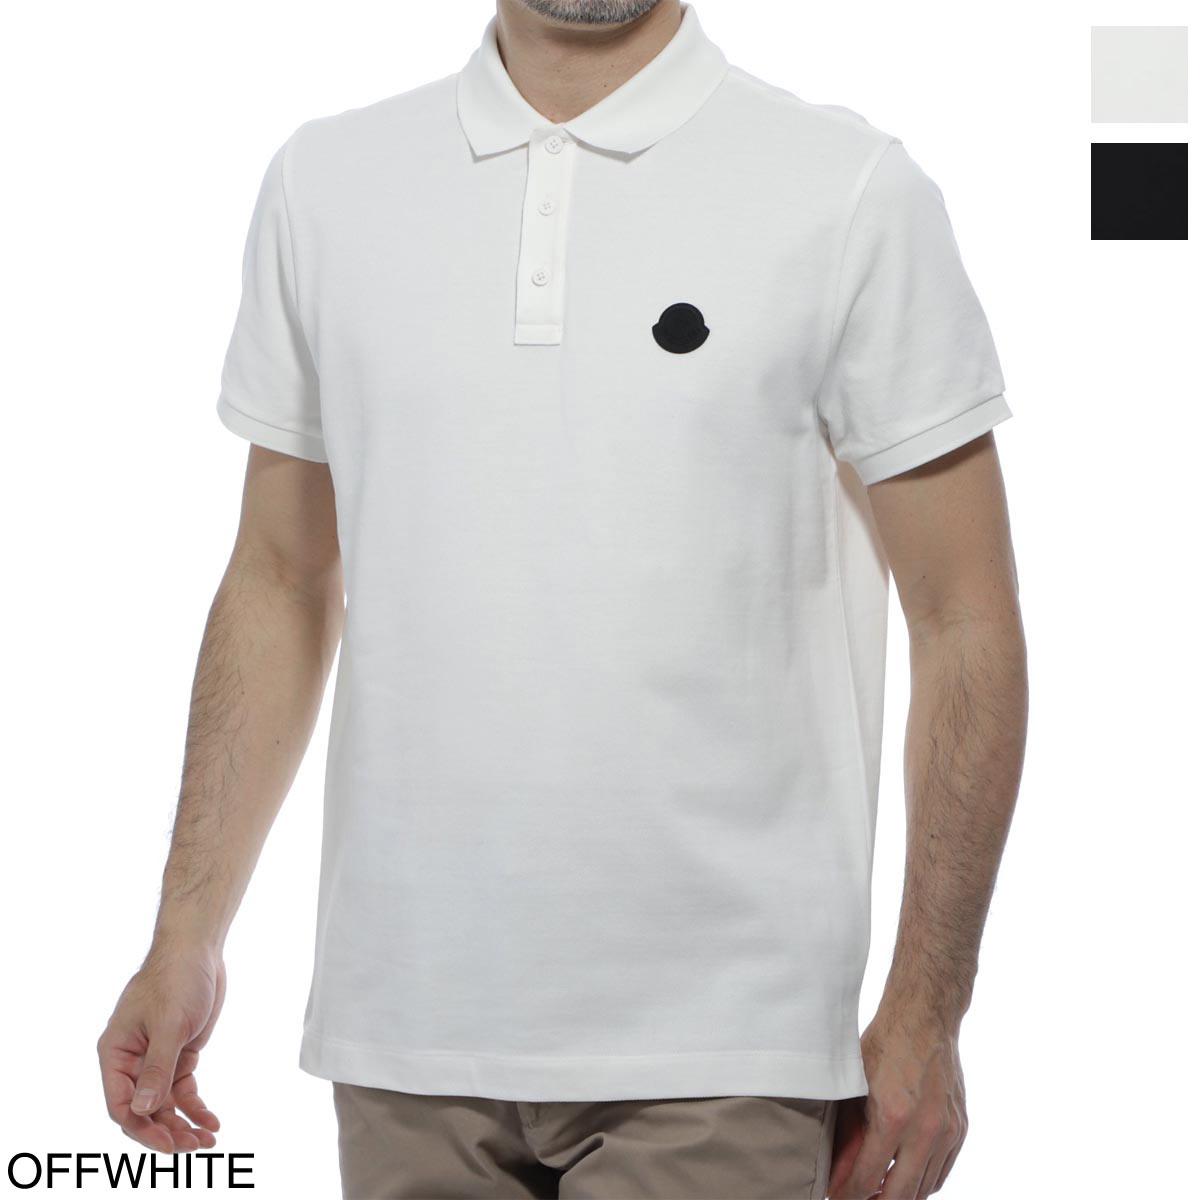 モンクレール MONCLER ポロシャツ メンズ ゴルフ 8a70200 84556 004 MAGLIA POLO MANICA C【あす楽対応_関東】【返品送料無料】【ラッピング無料】